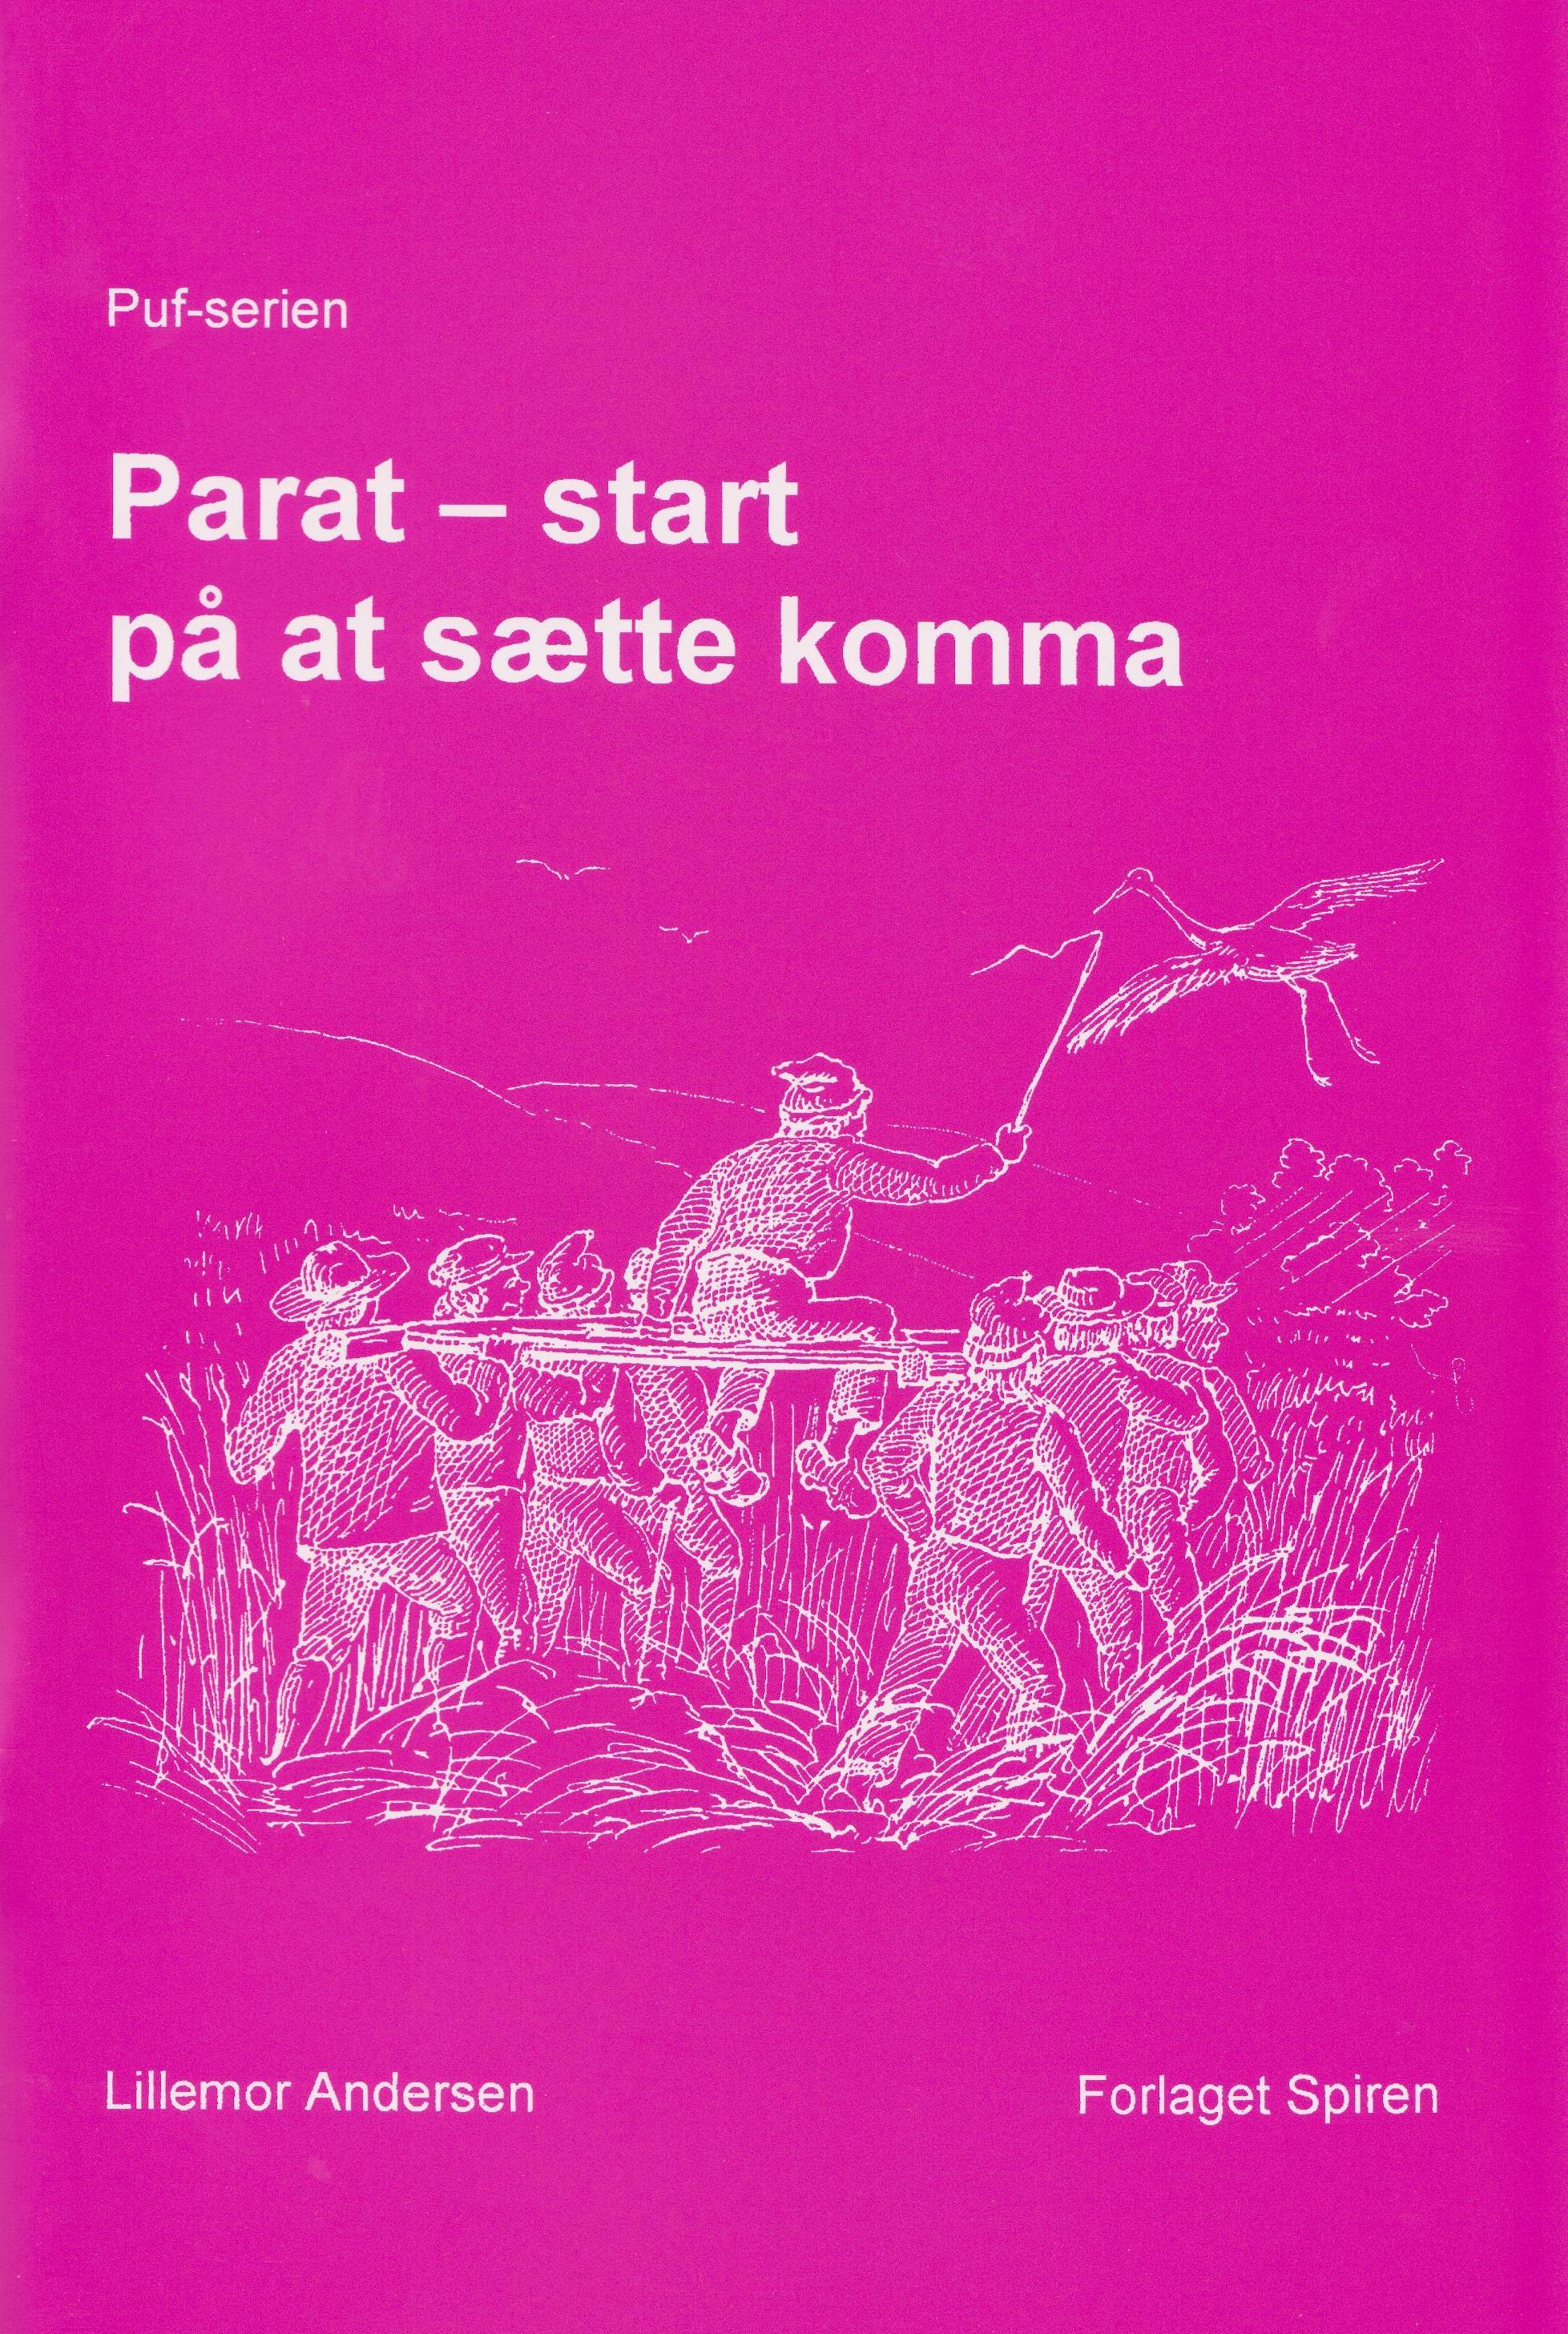 komma på dansk